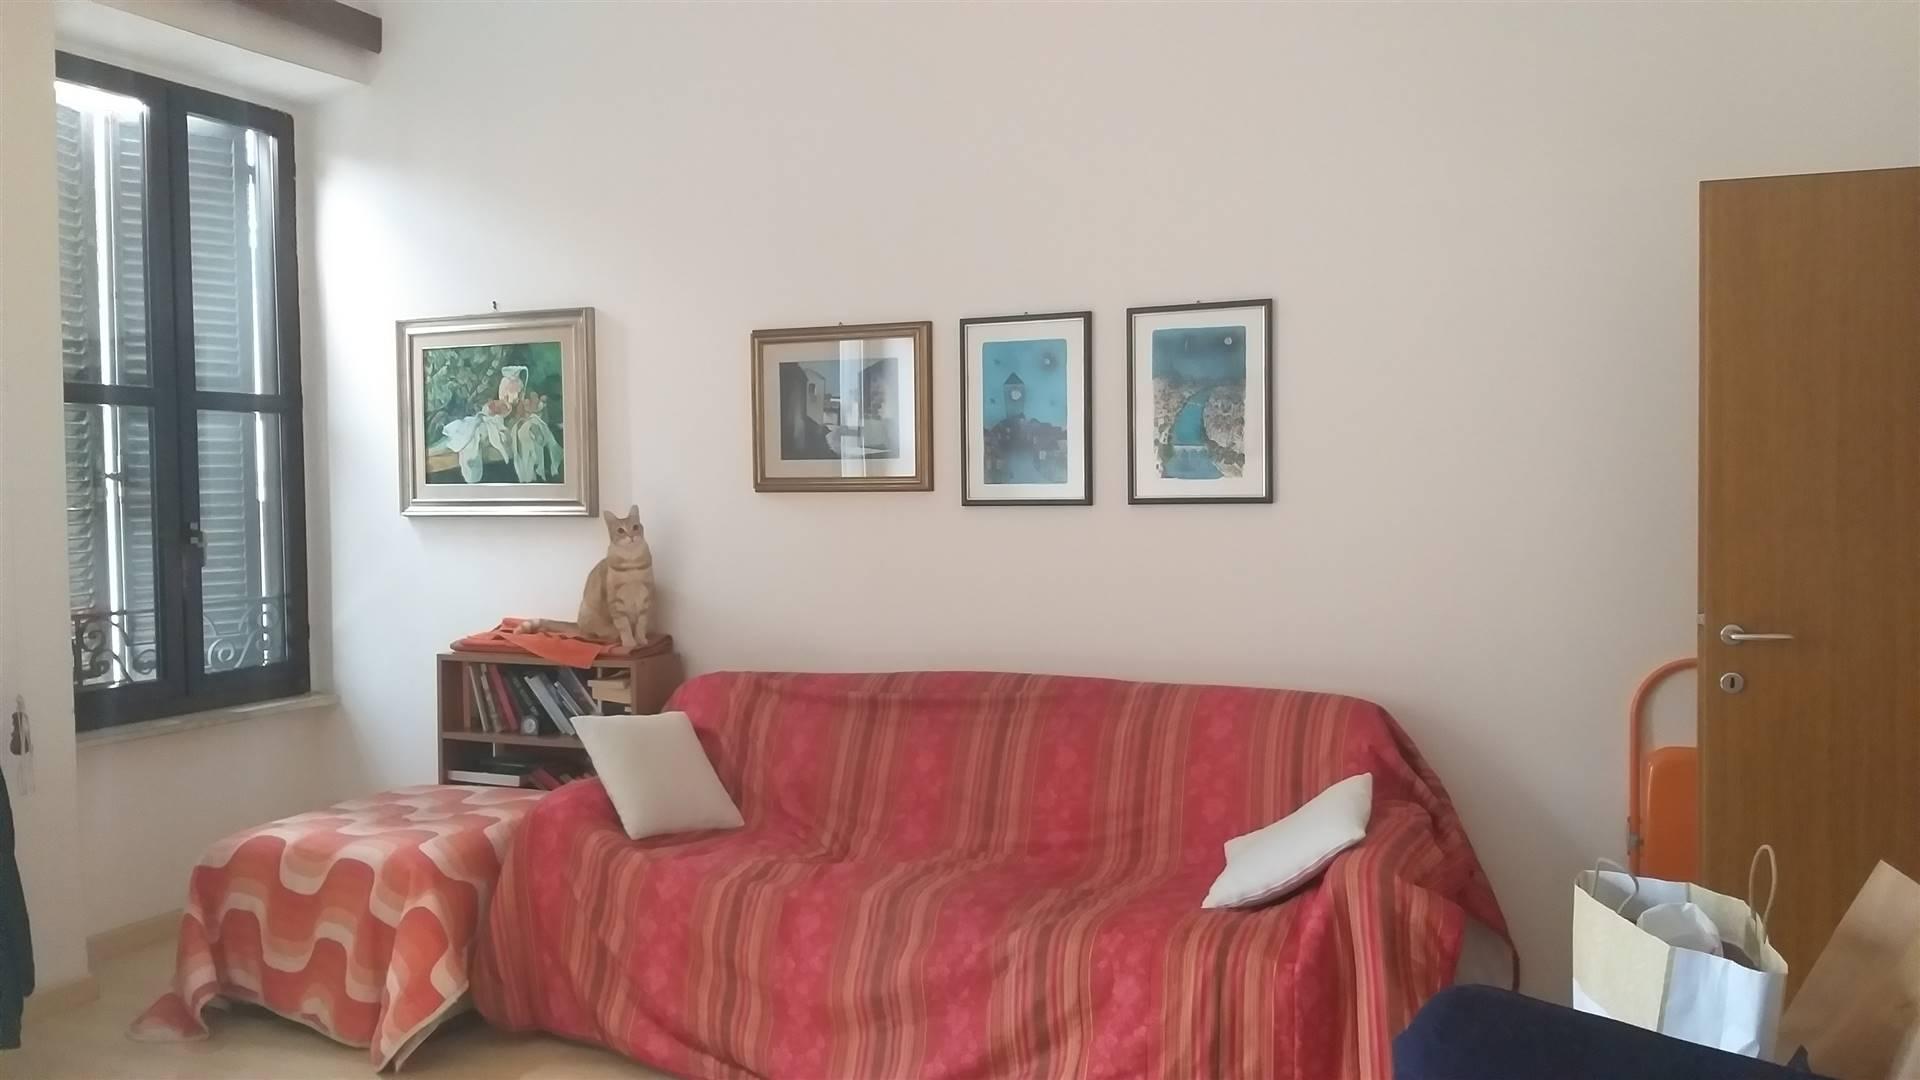 Appartamento Trilocale luminosissimo collocato in zona centrale. L'immobile per la sua posizione permette di raggiungere tutti i servizi di interesse